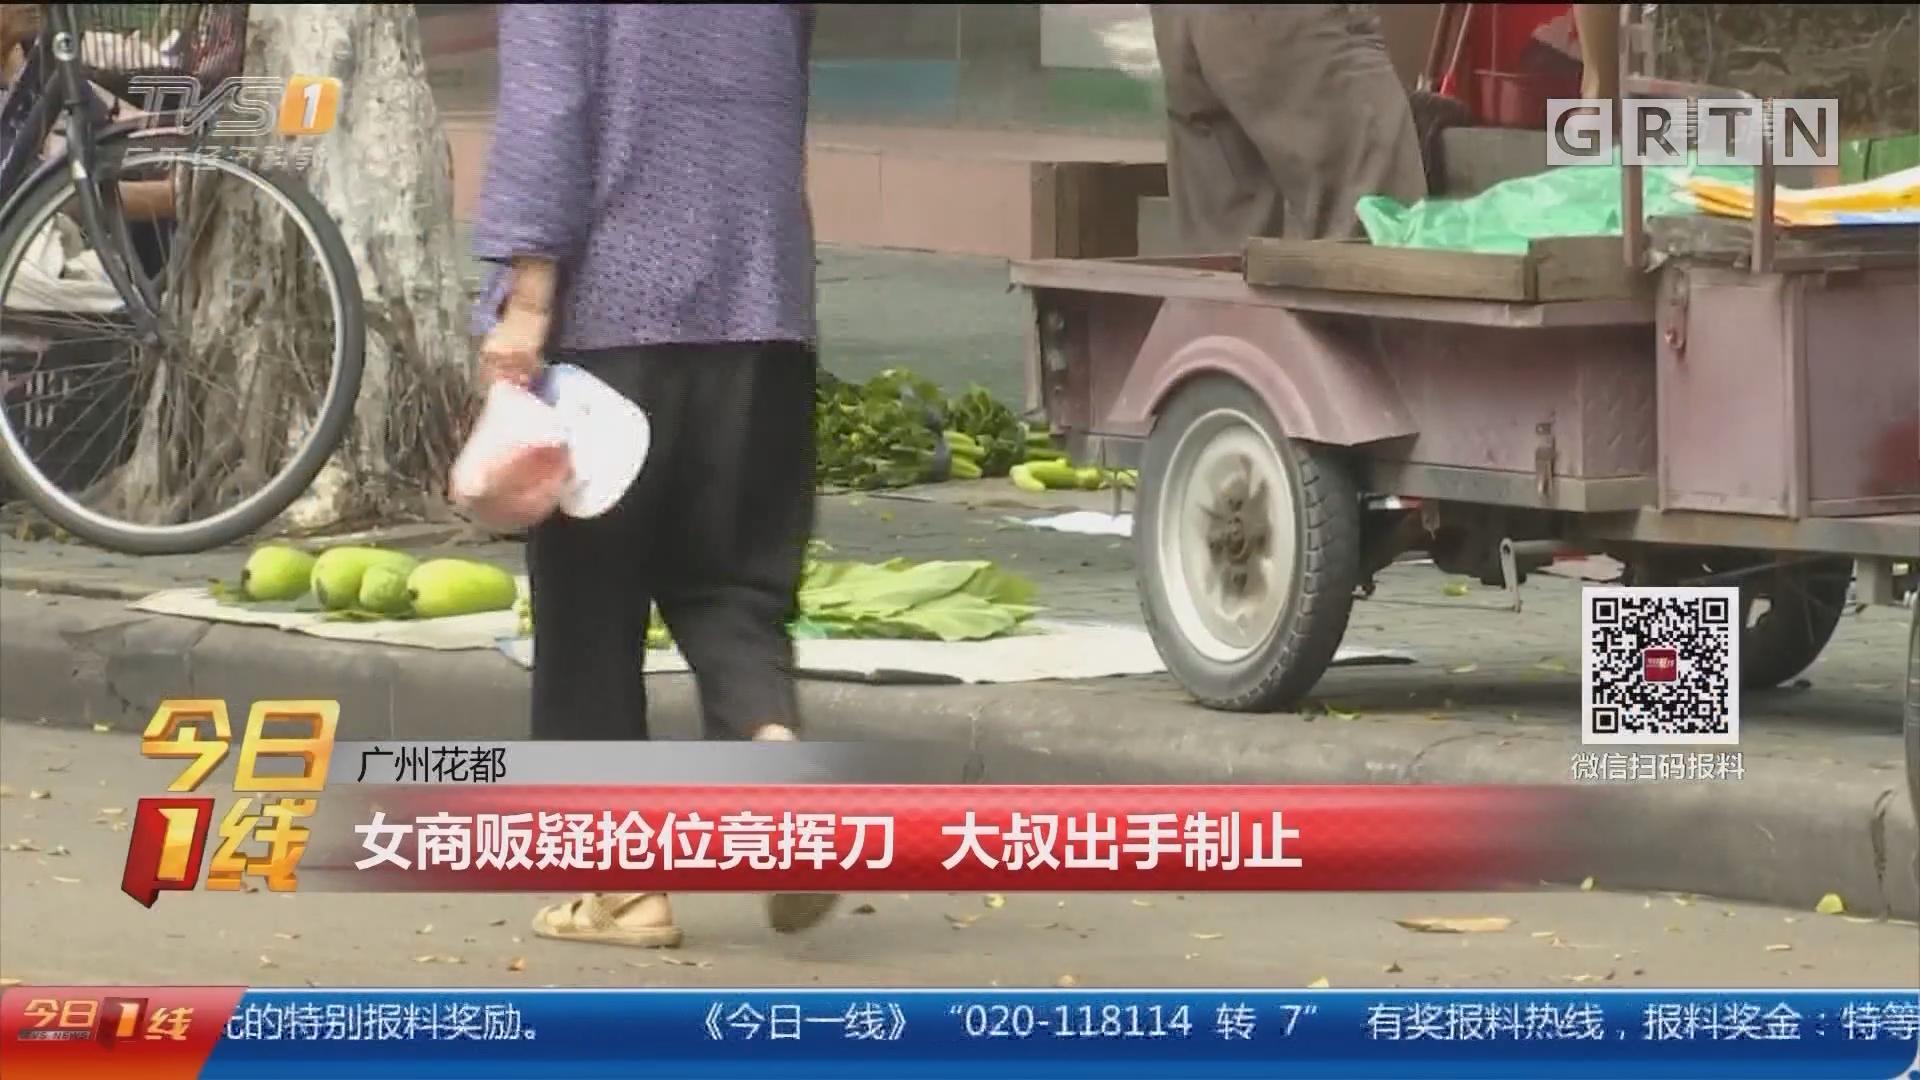 广州花都:女商贩疑抢位竟挥刀 大叔出手制止